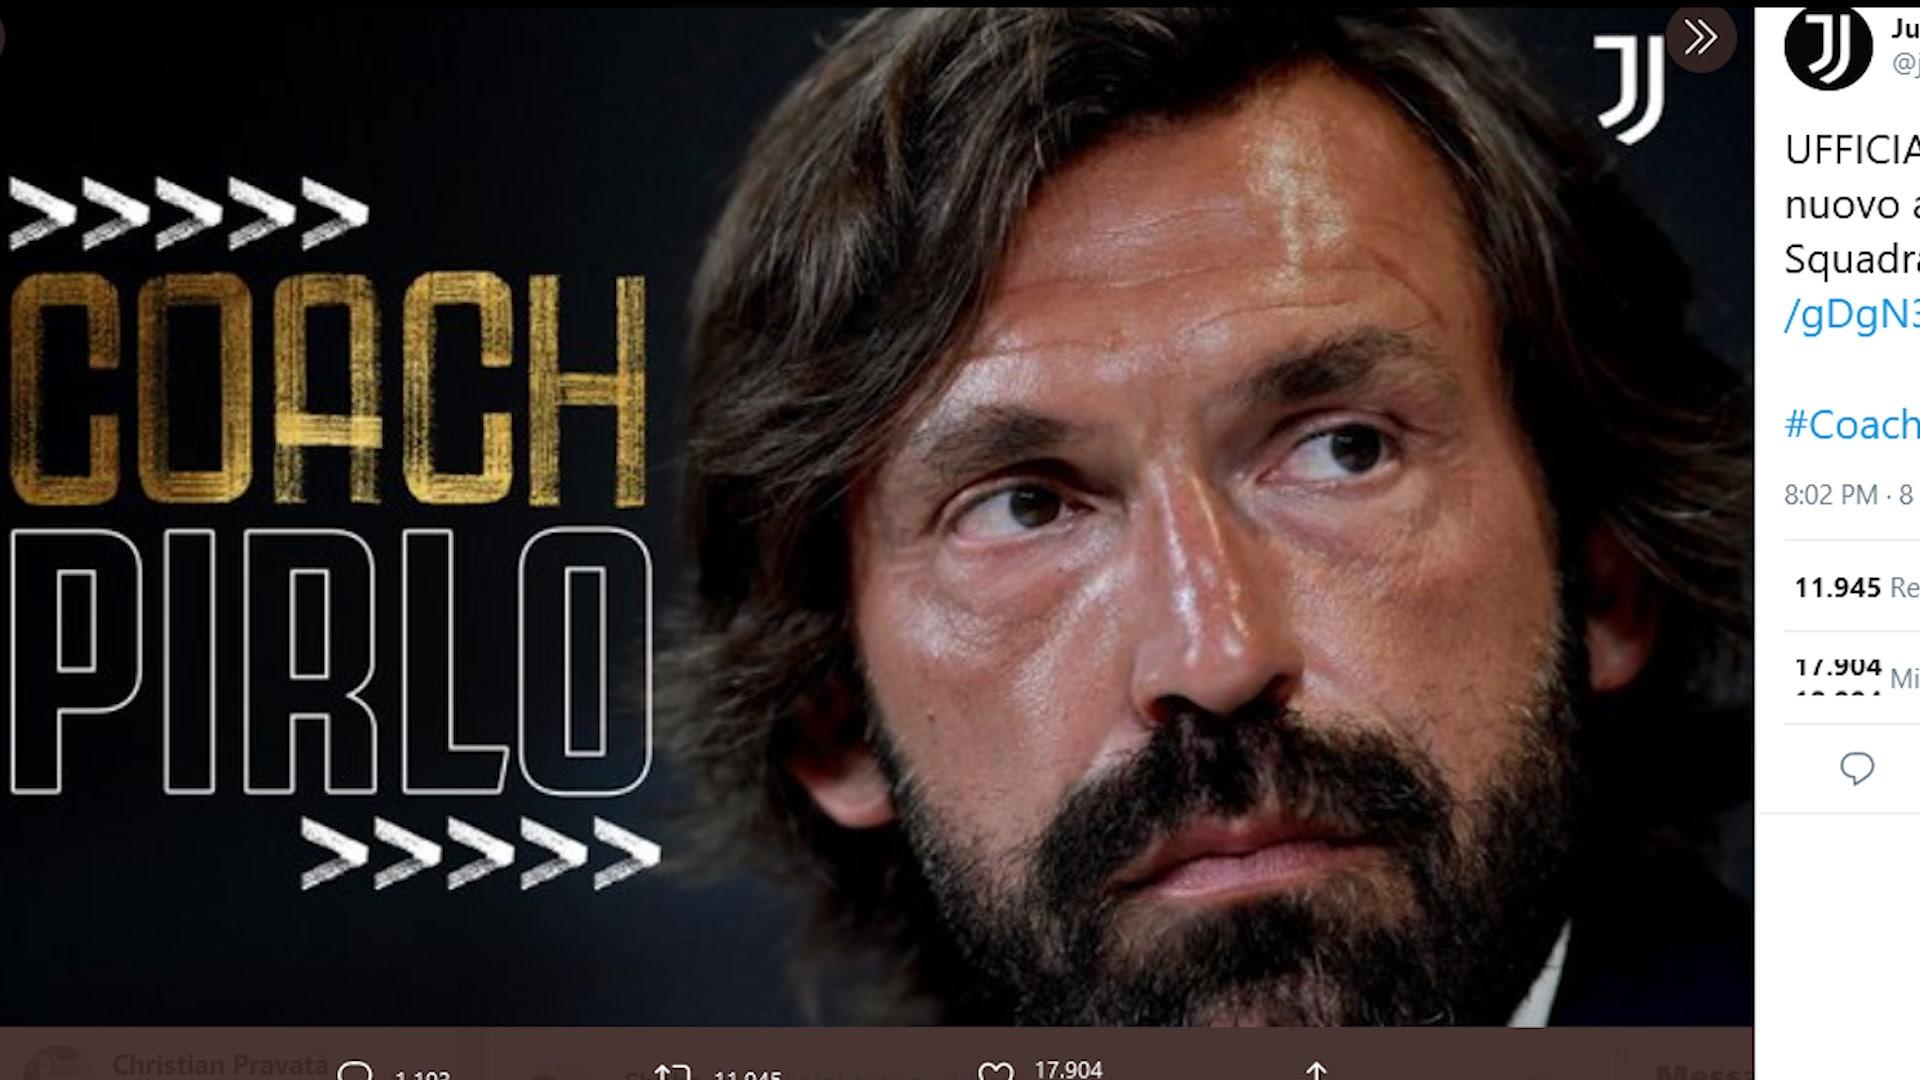 Juve, ufficiale: Andrea Pirlo è il nuovo tecnico